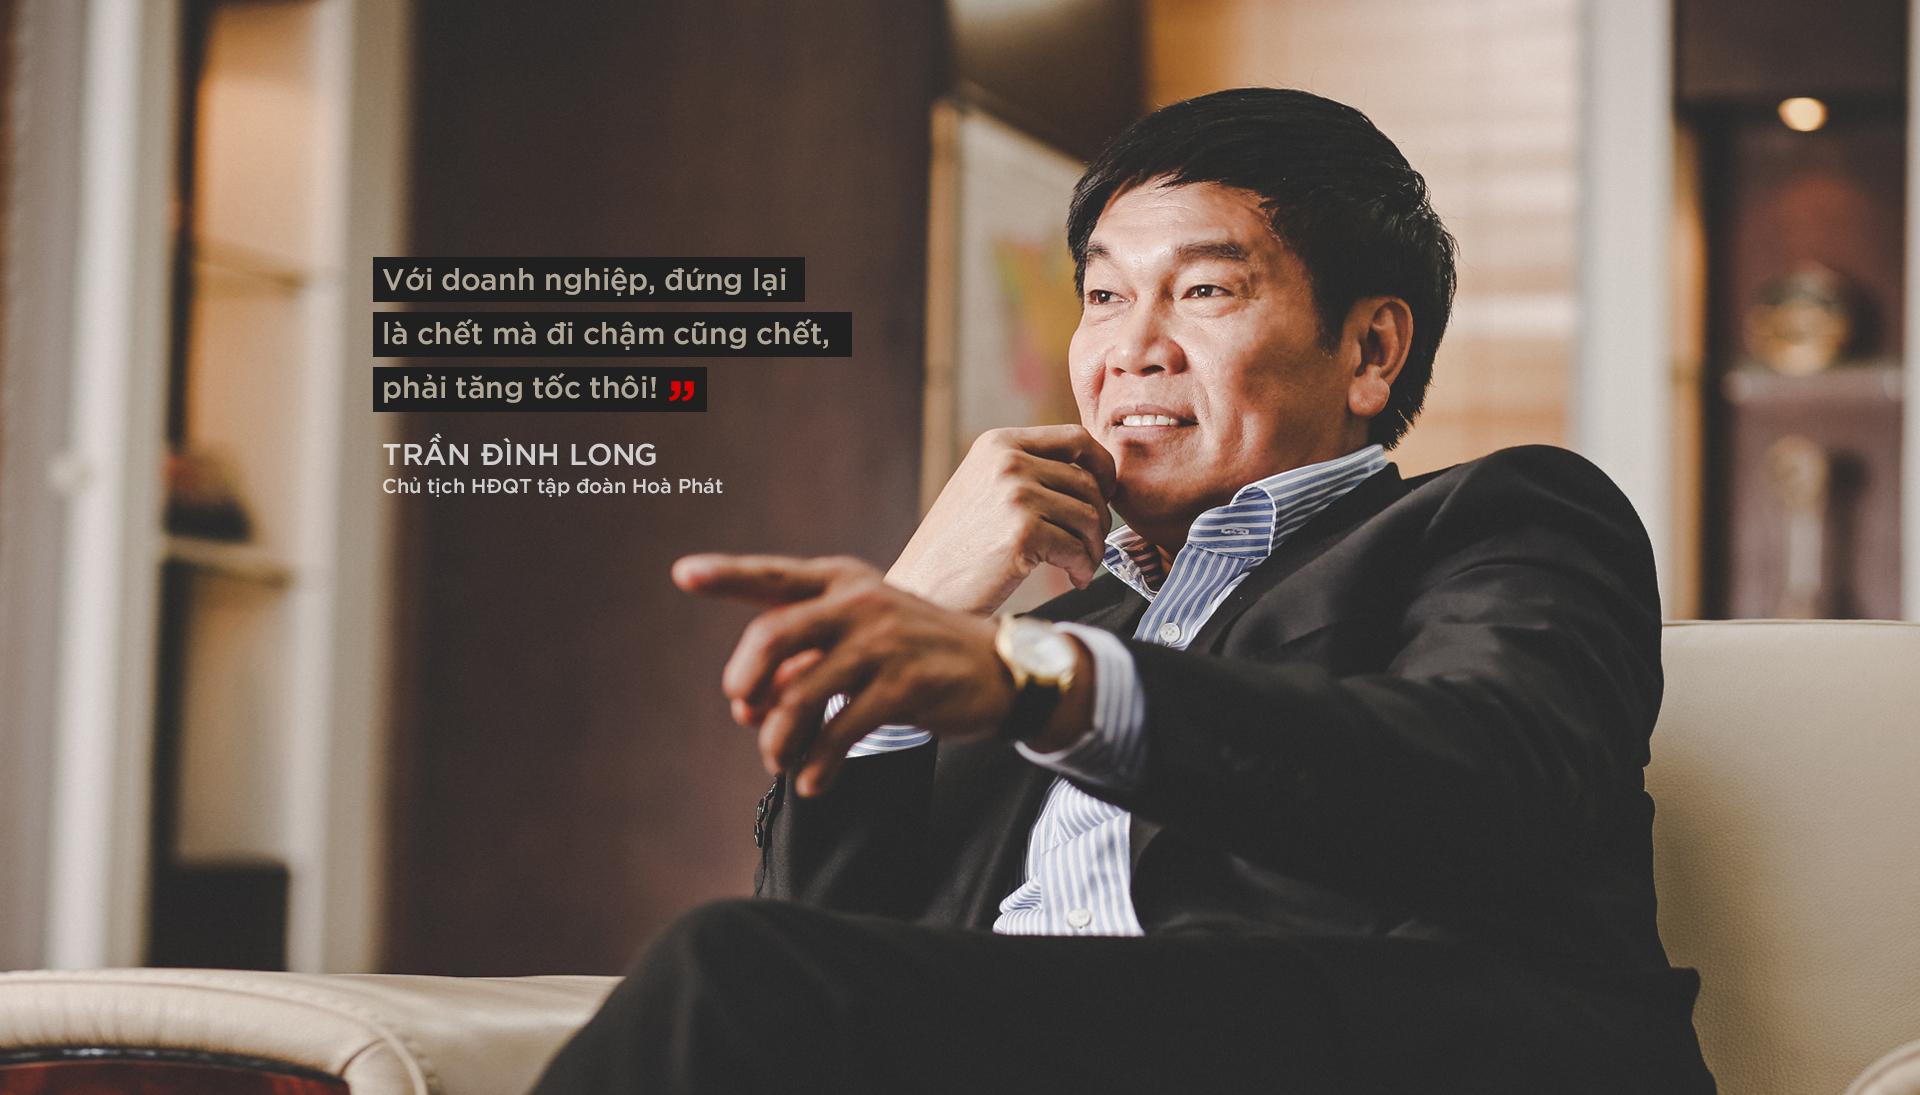 """Ông Trần Đình Long: """"Chúng tôi thành công như hôm nay vì không biến Hòa Phát thành một tập đoàn họ hàng"""" - Ảnh 7."""